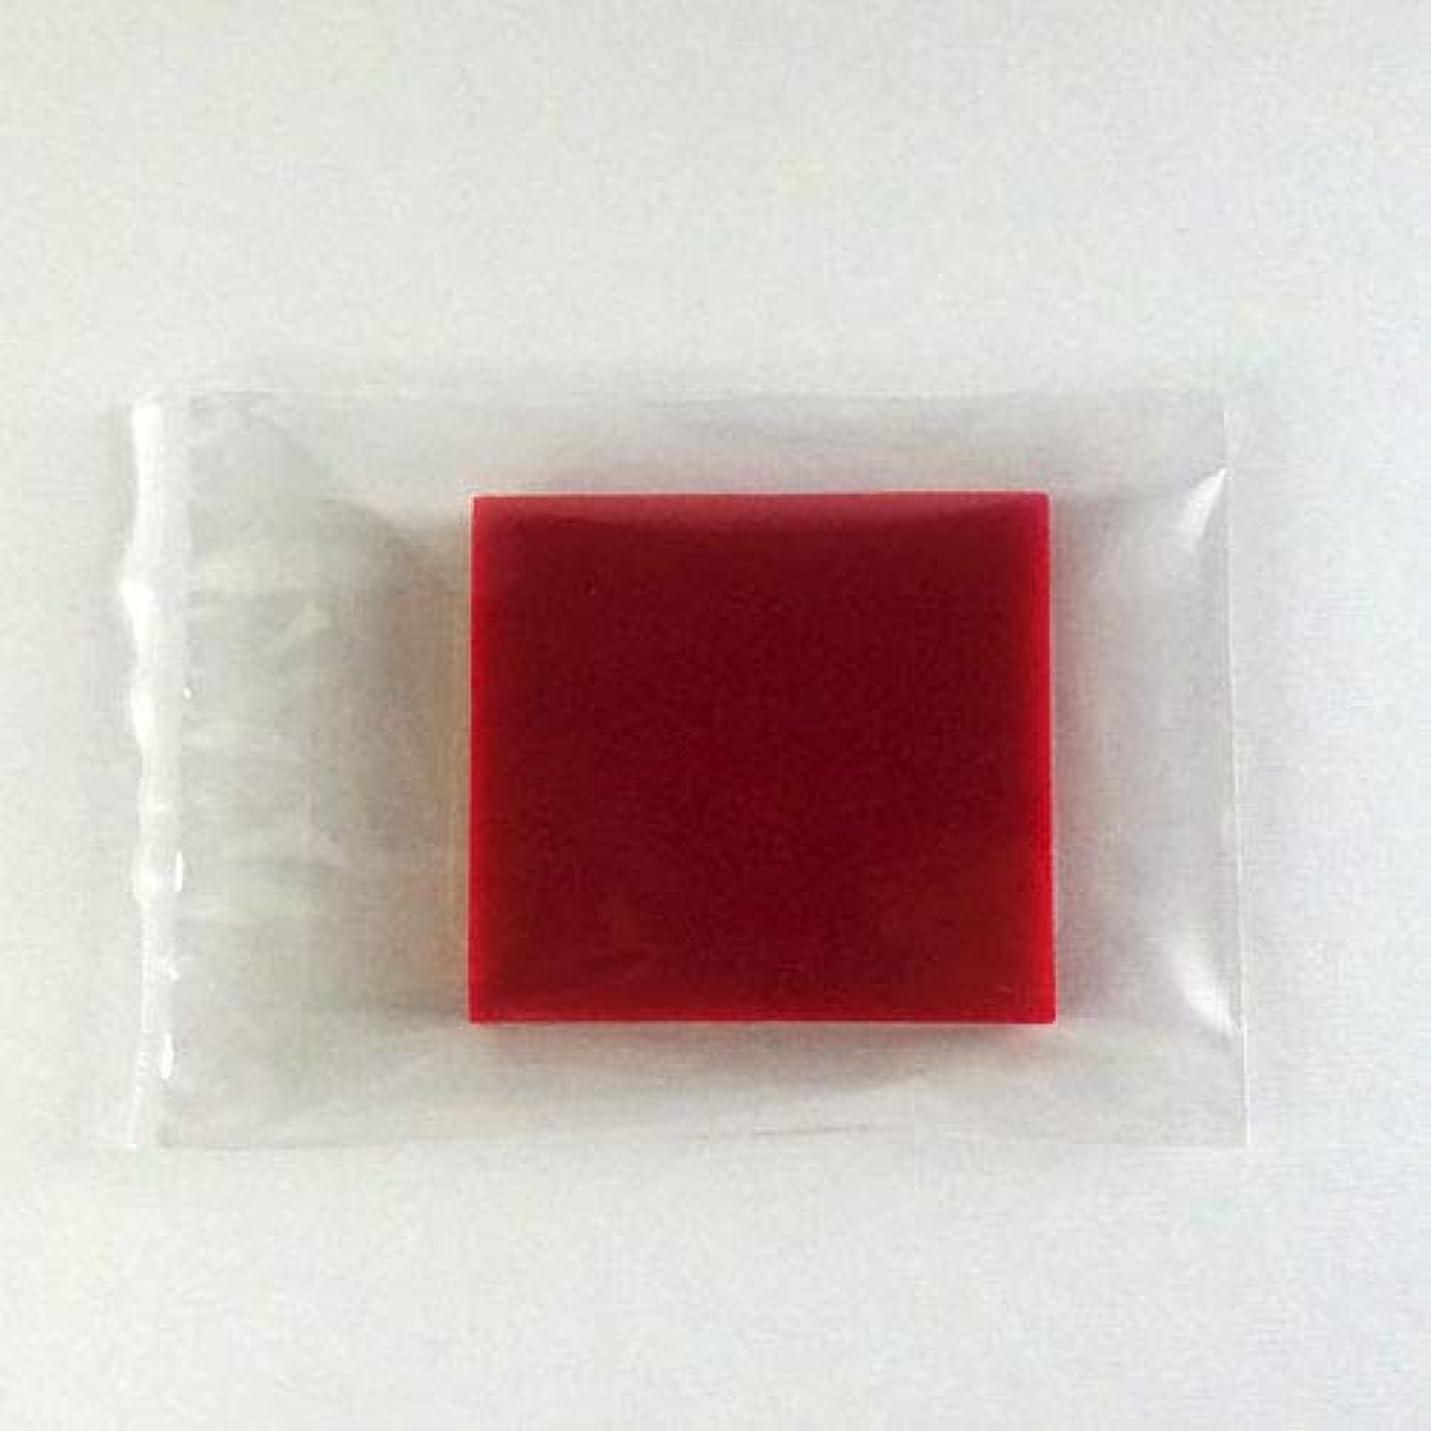 教会仲介者巻き取りグリセリンソープ MPソープ 色チップ 赤(レッド) 120g(30g x 4pc)